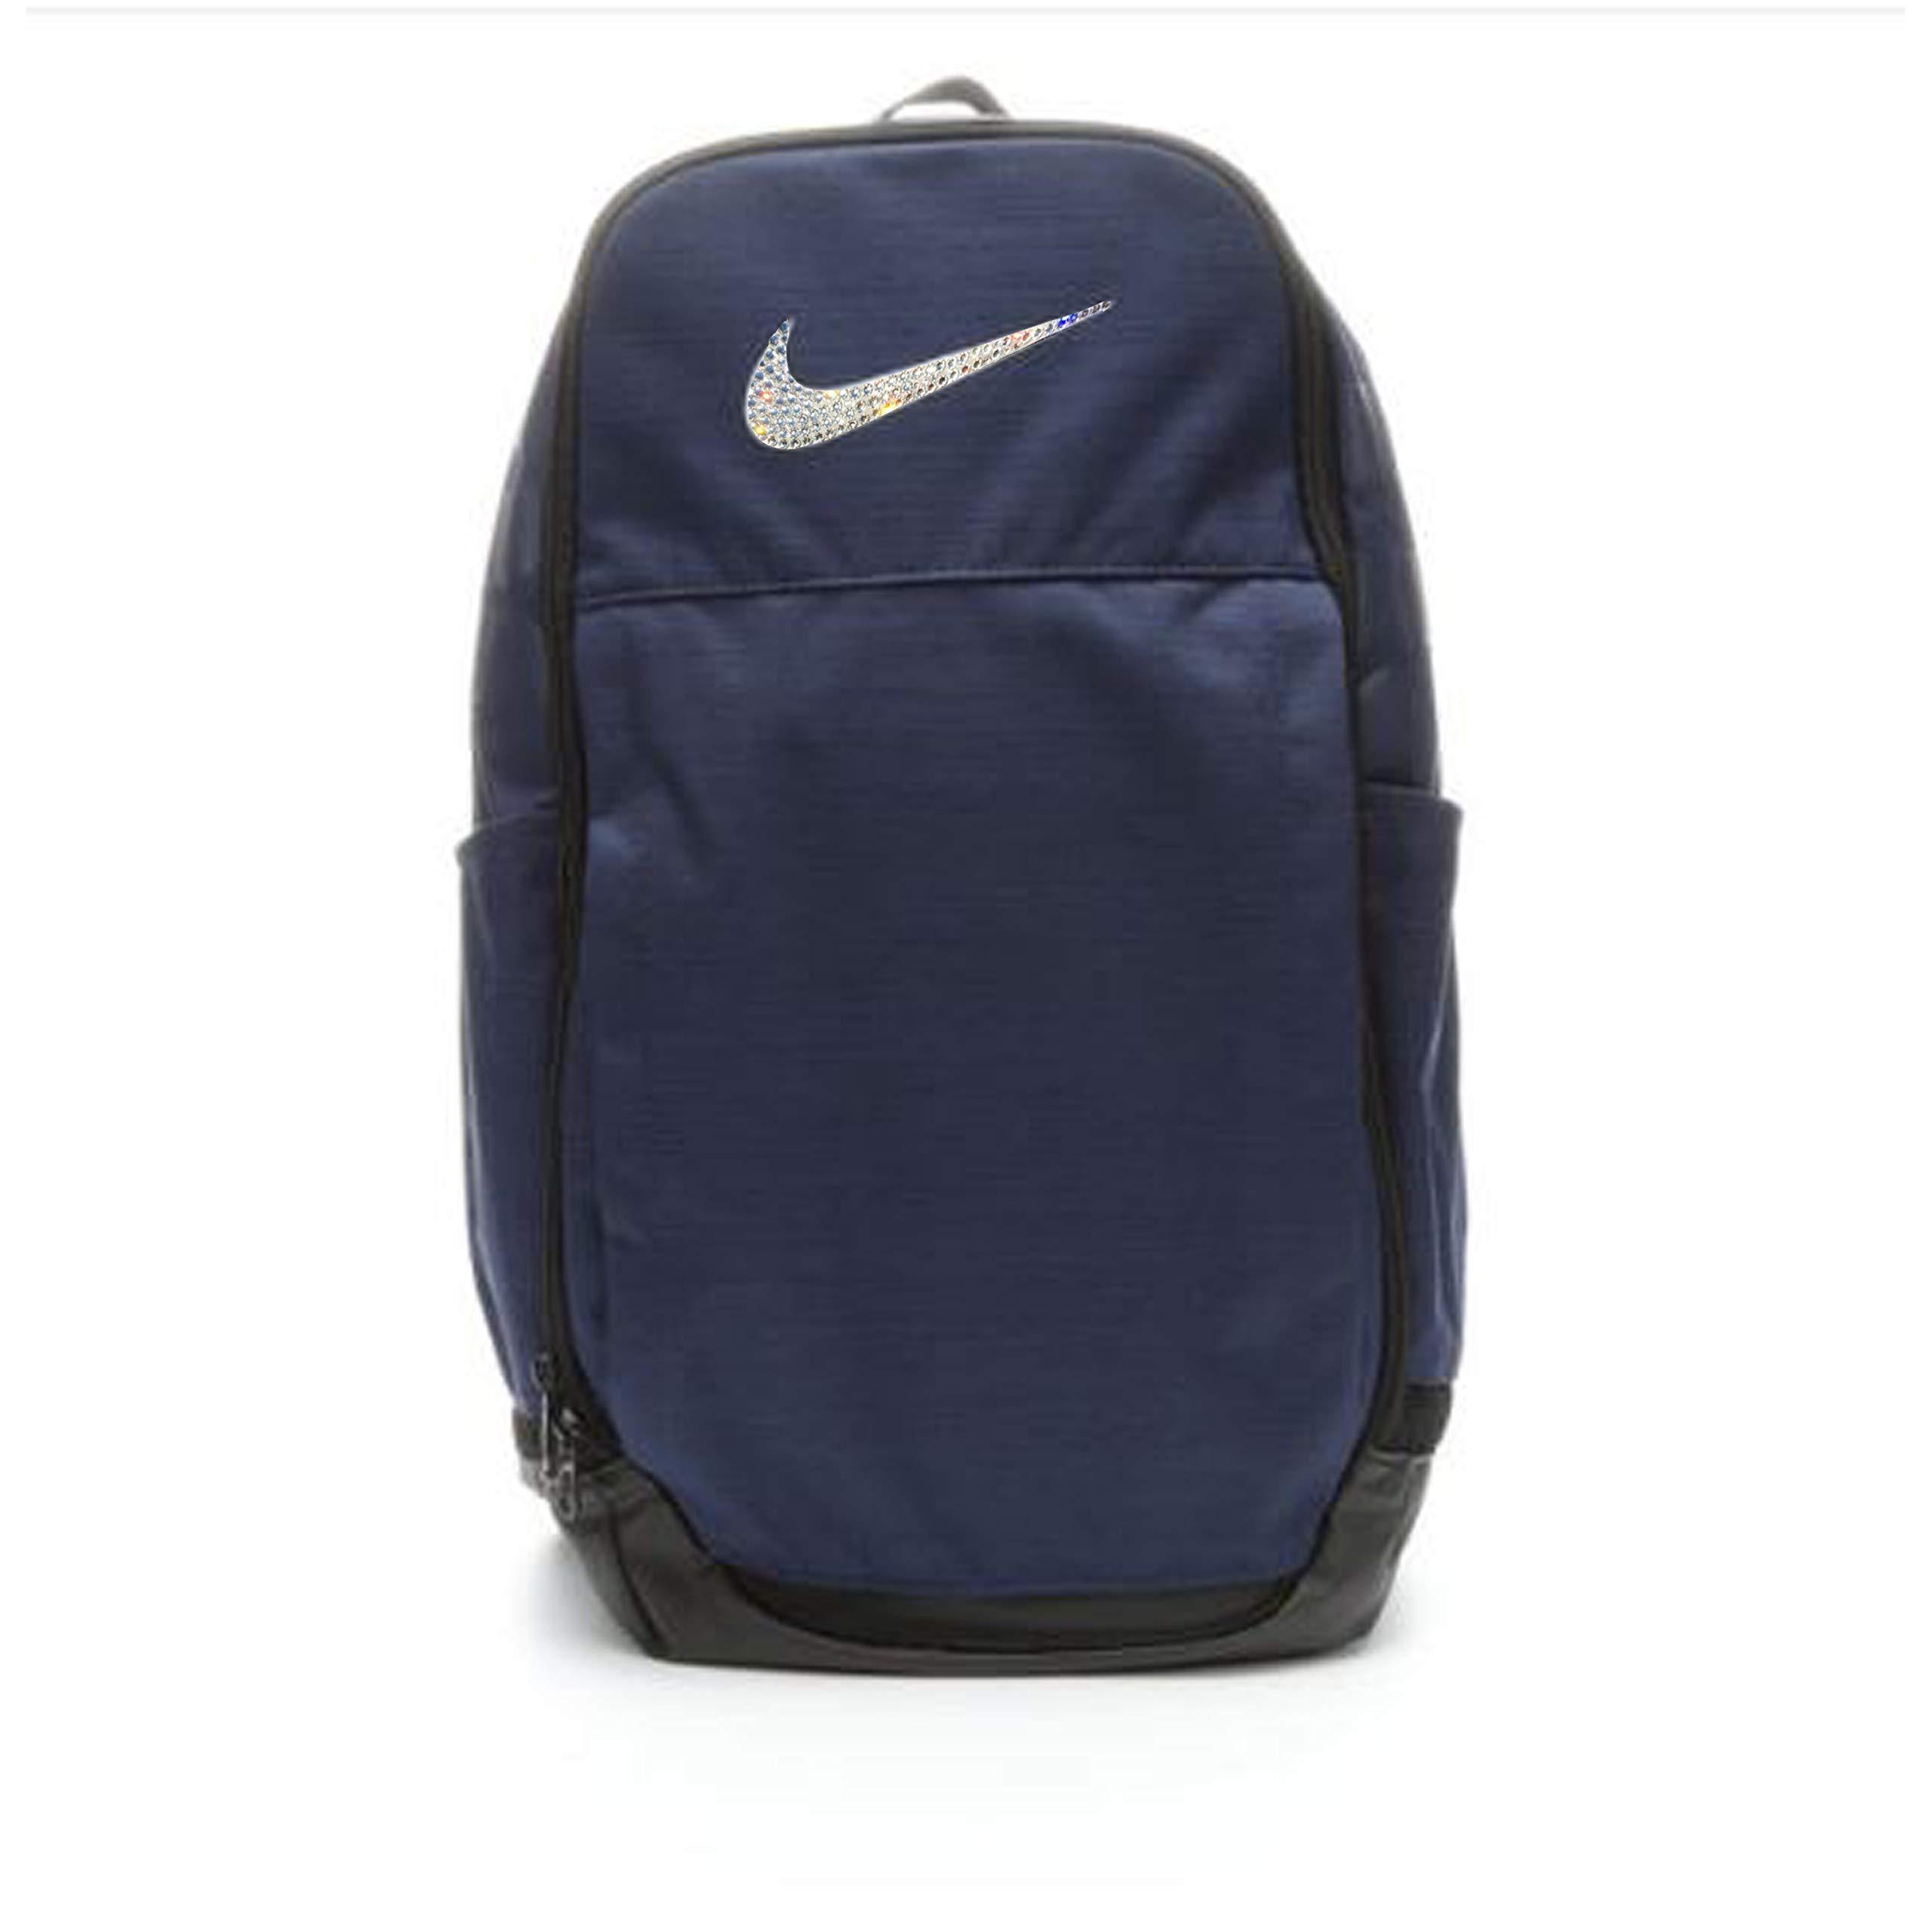 Custom Crystal Bling Swoosh | N I K E Brasilia 7 Backpack XL| Book Bag